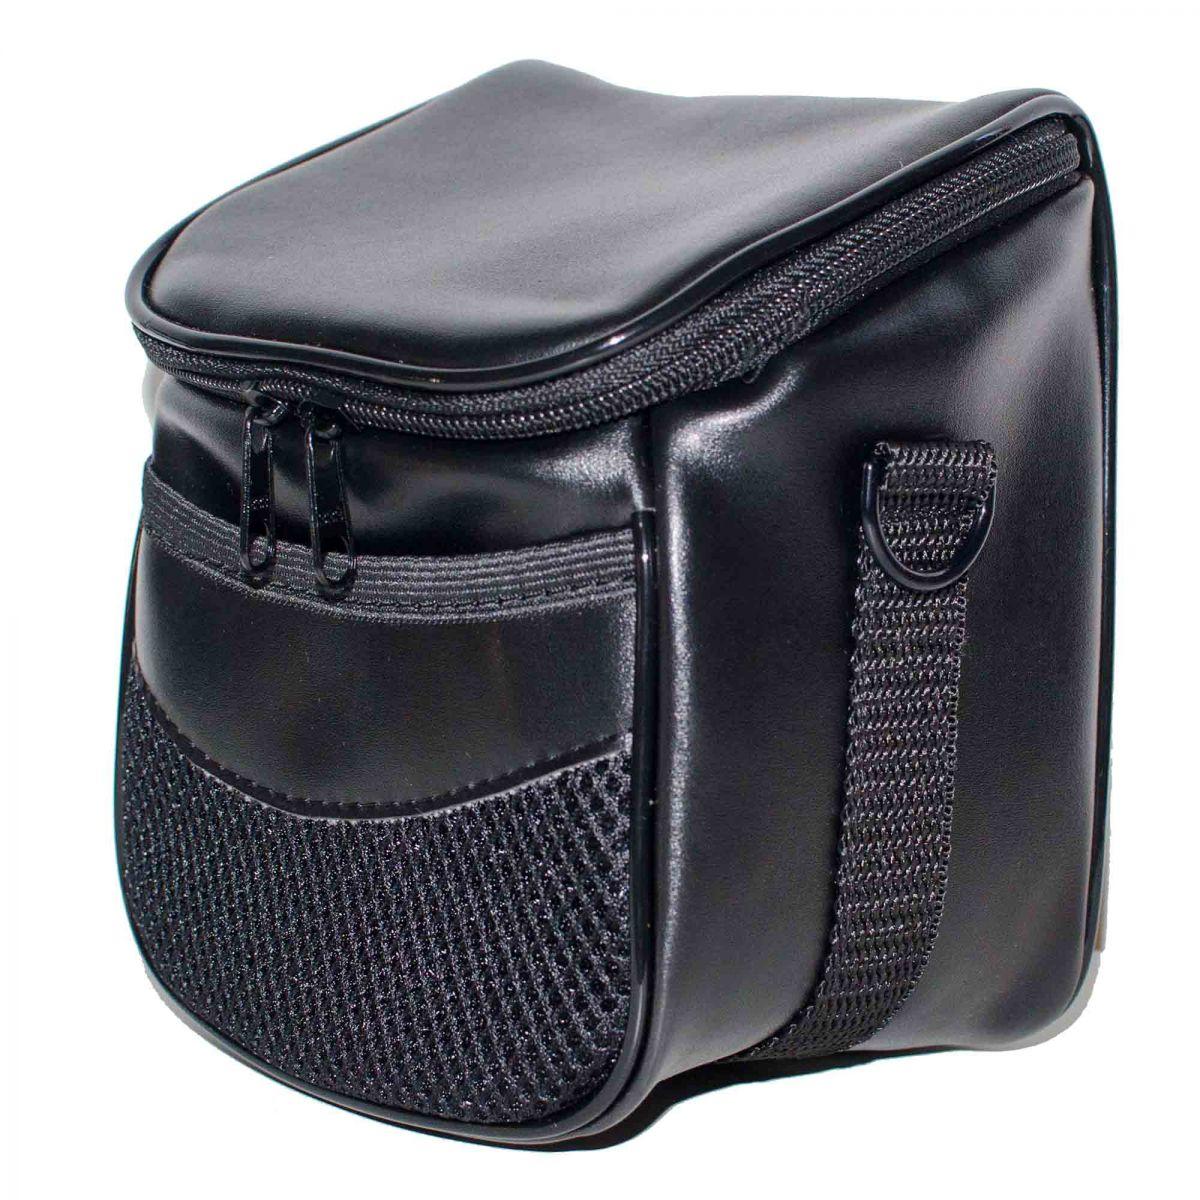 Bolsa Mini para Cameras Superzoom e compactas - sx50